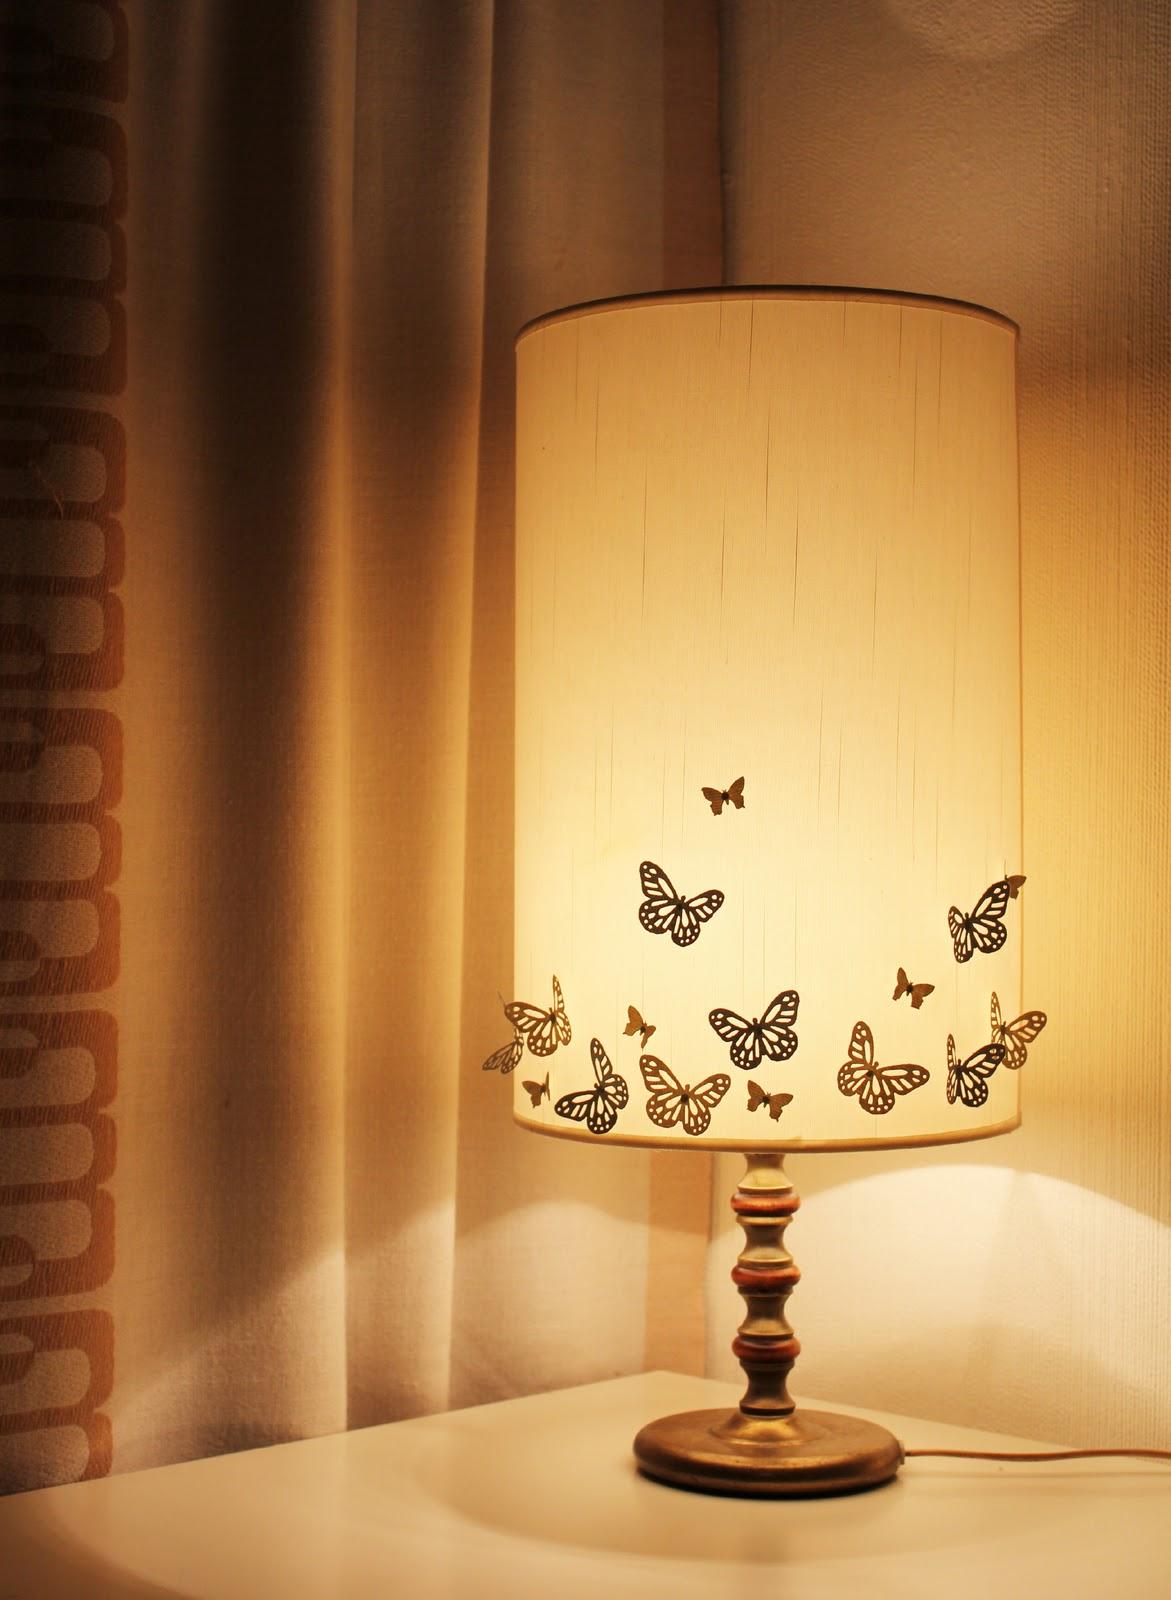 Lidyll: diy: sommerfugl lampe nr 2 & tilbakeblikk på tidligere ...